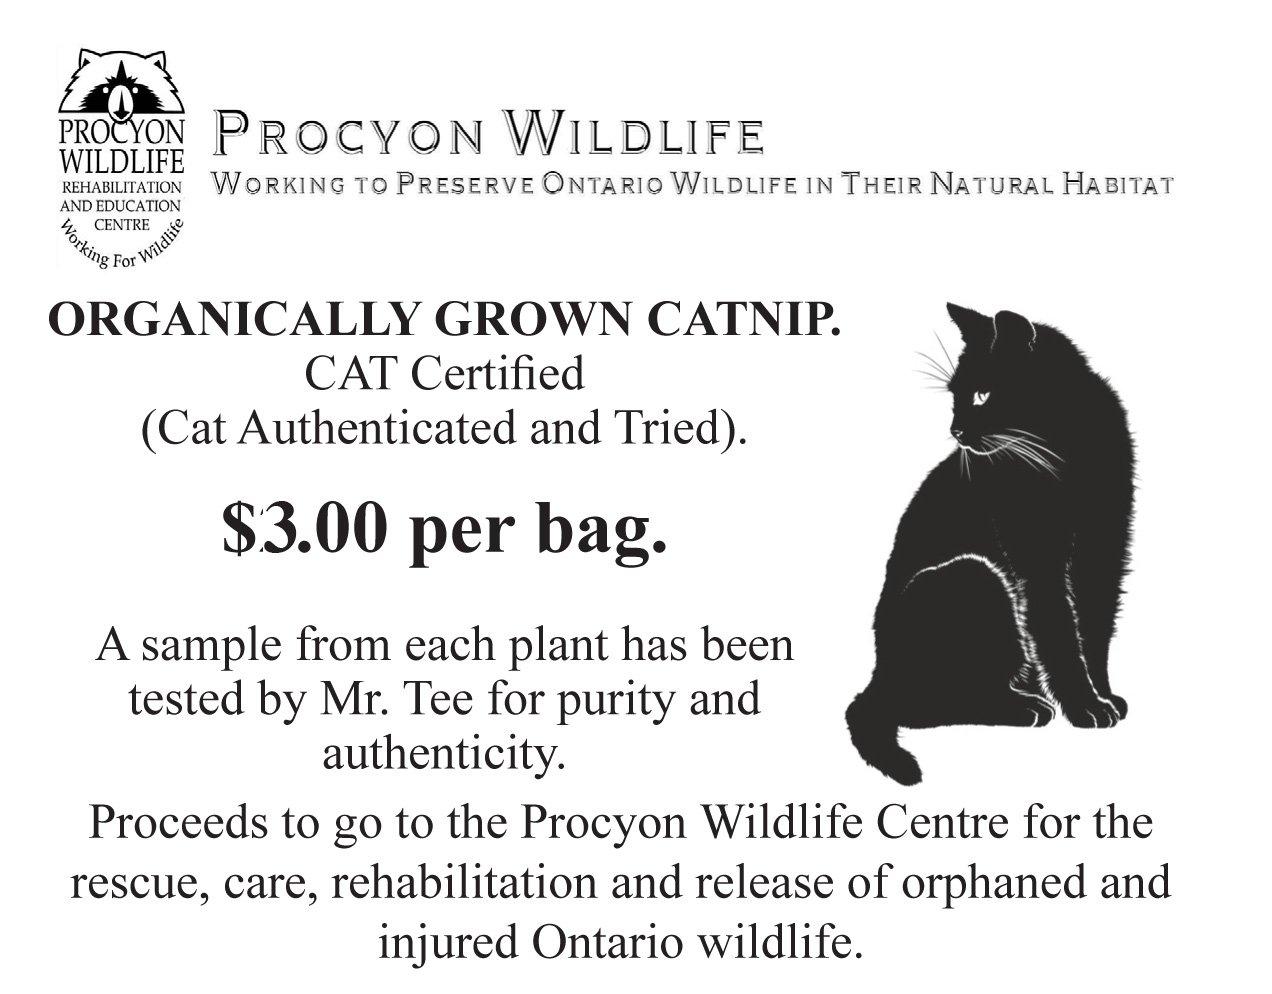 Mr. Tee's Organic Catnip